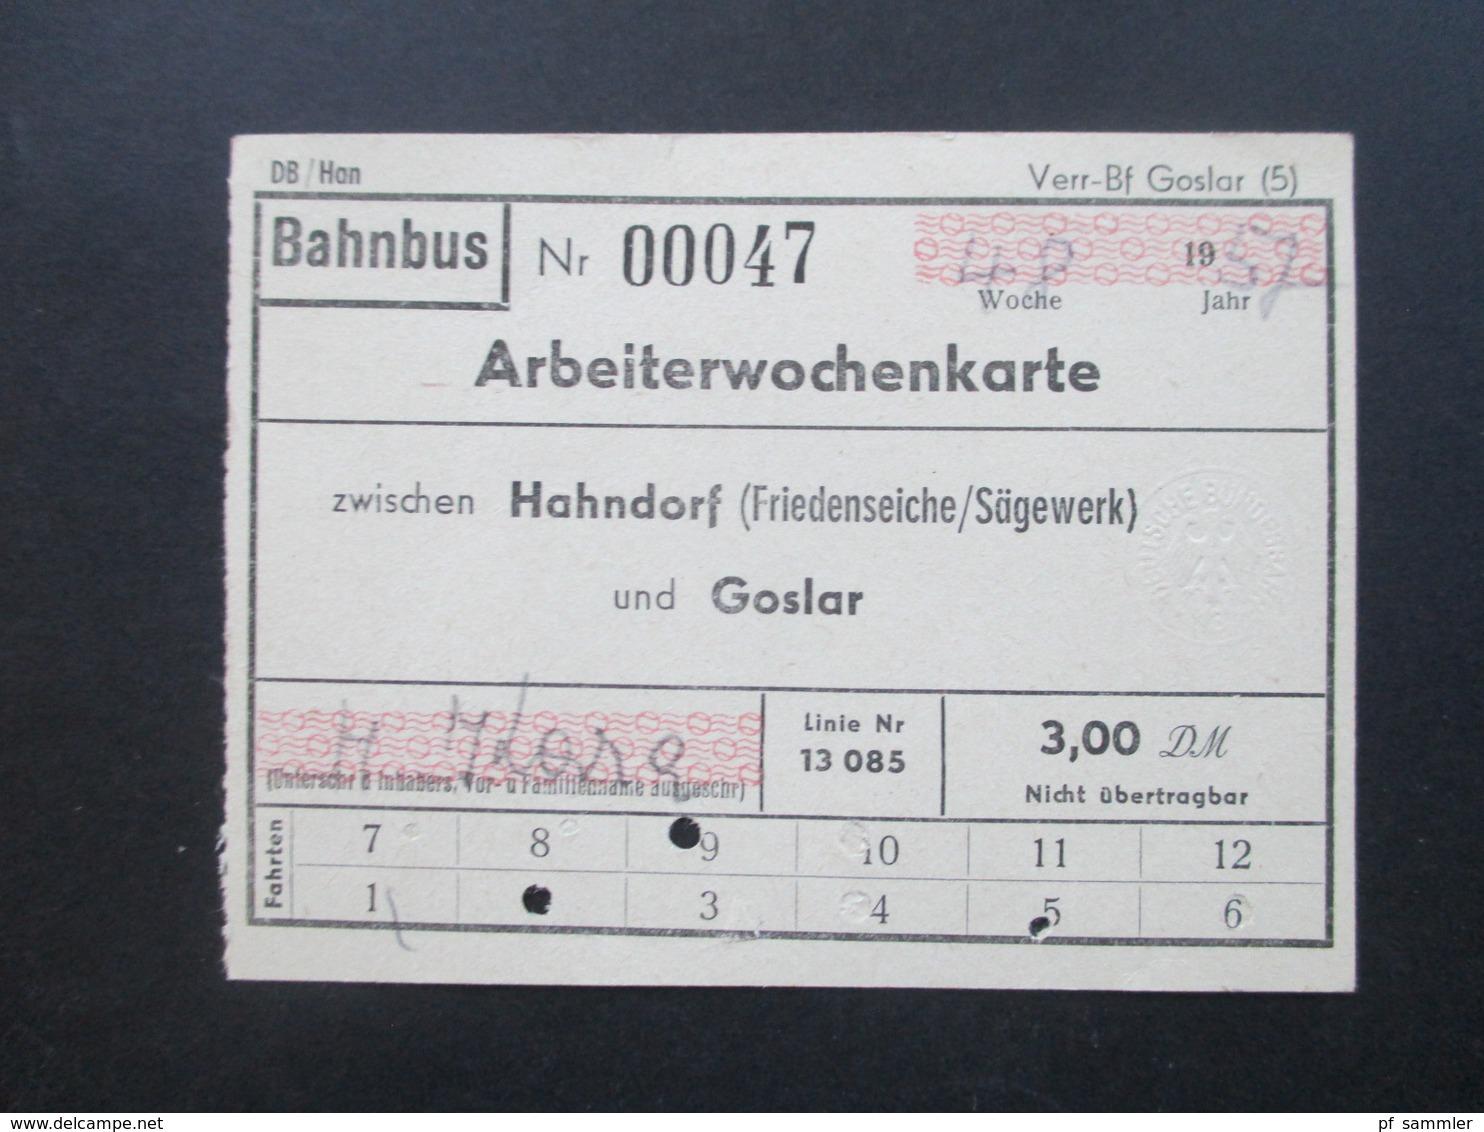 Bahnbus 4x Arbeiterwochenkarte 1957 Zwischen Hahndorf (Friedenseiche / Sägewerk) Und Goslar. Linie Nr. 85 - Wochen- U. Monatsausweise